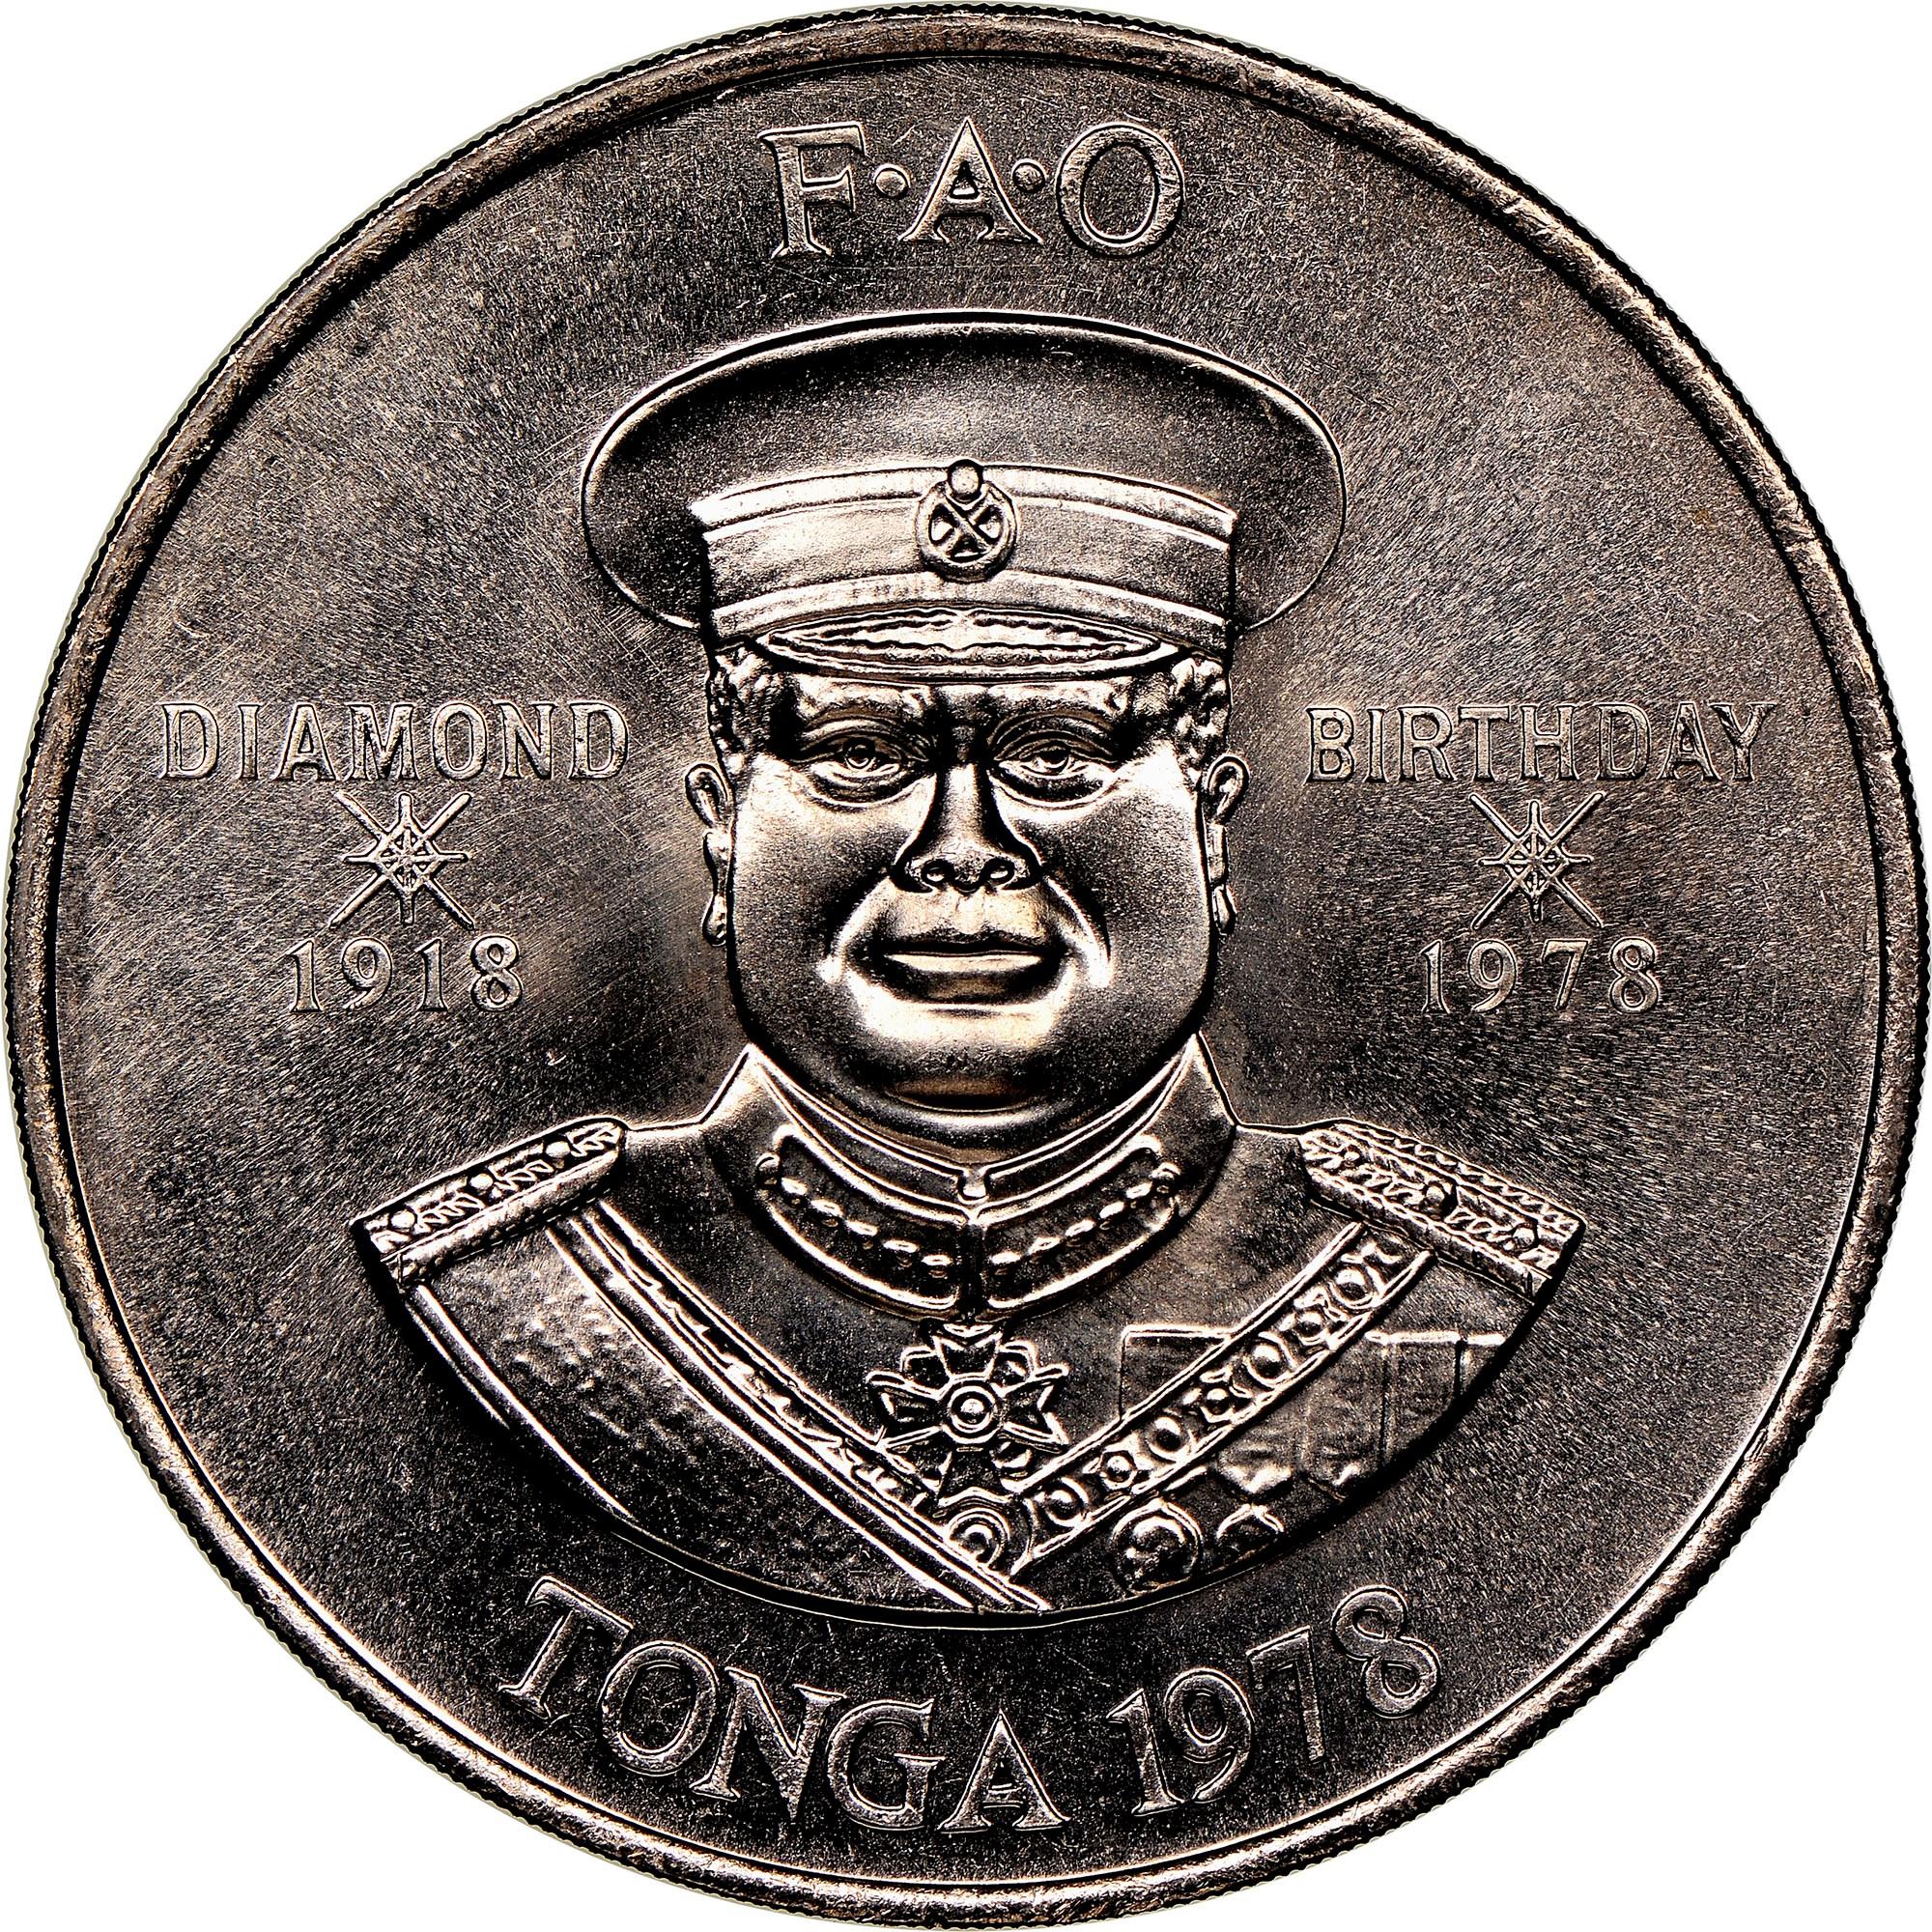 Tonga 2 Pa'anga obverse